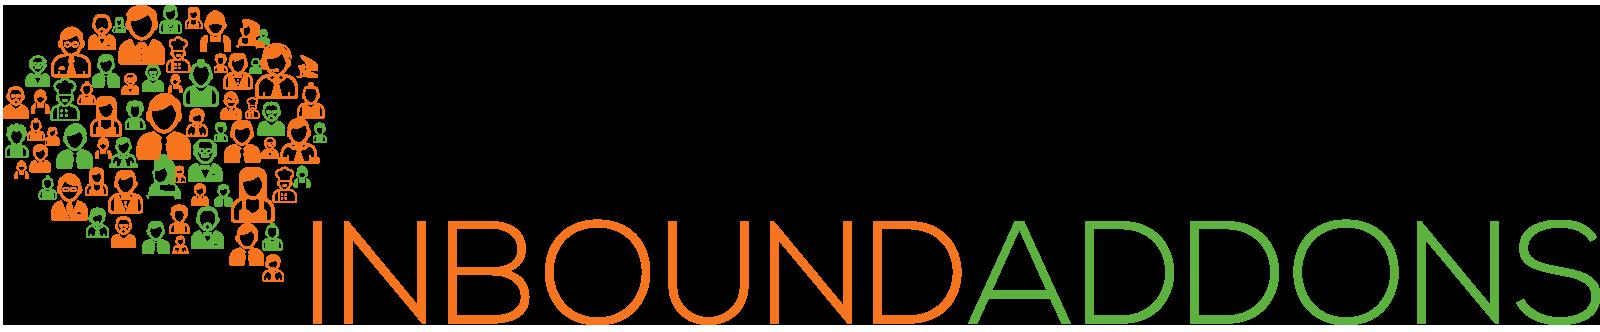 Inbound Addons